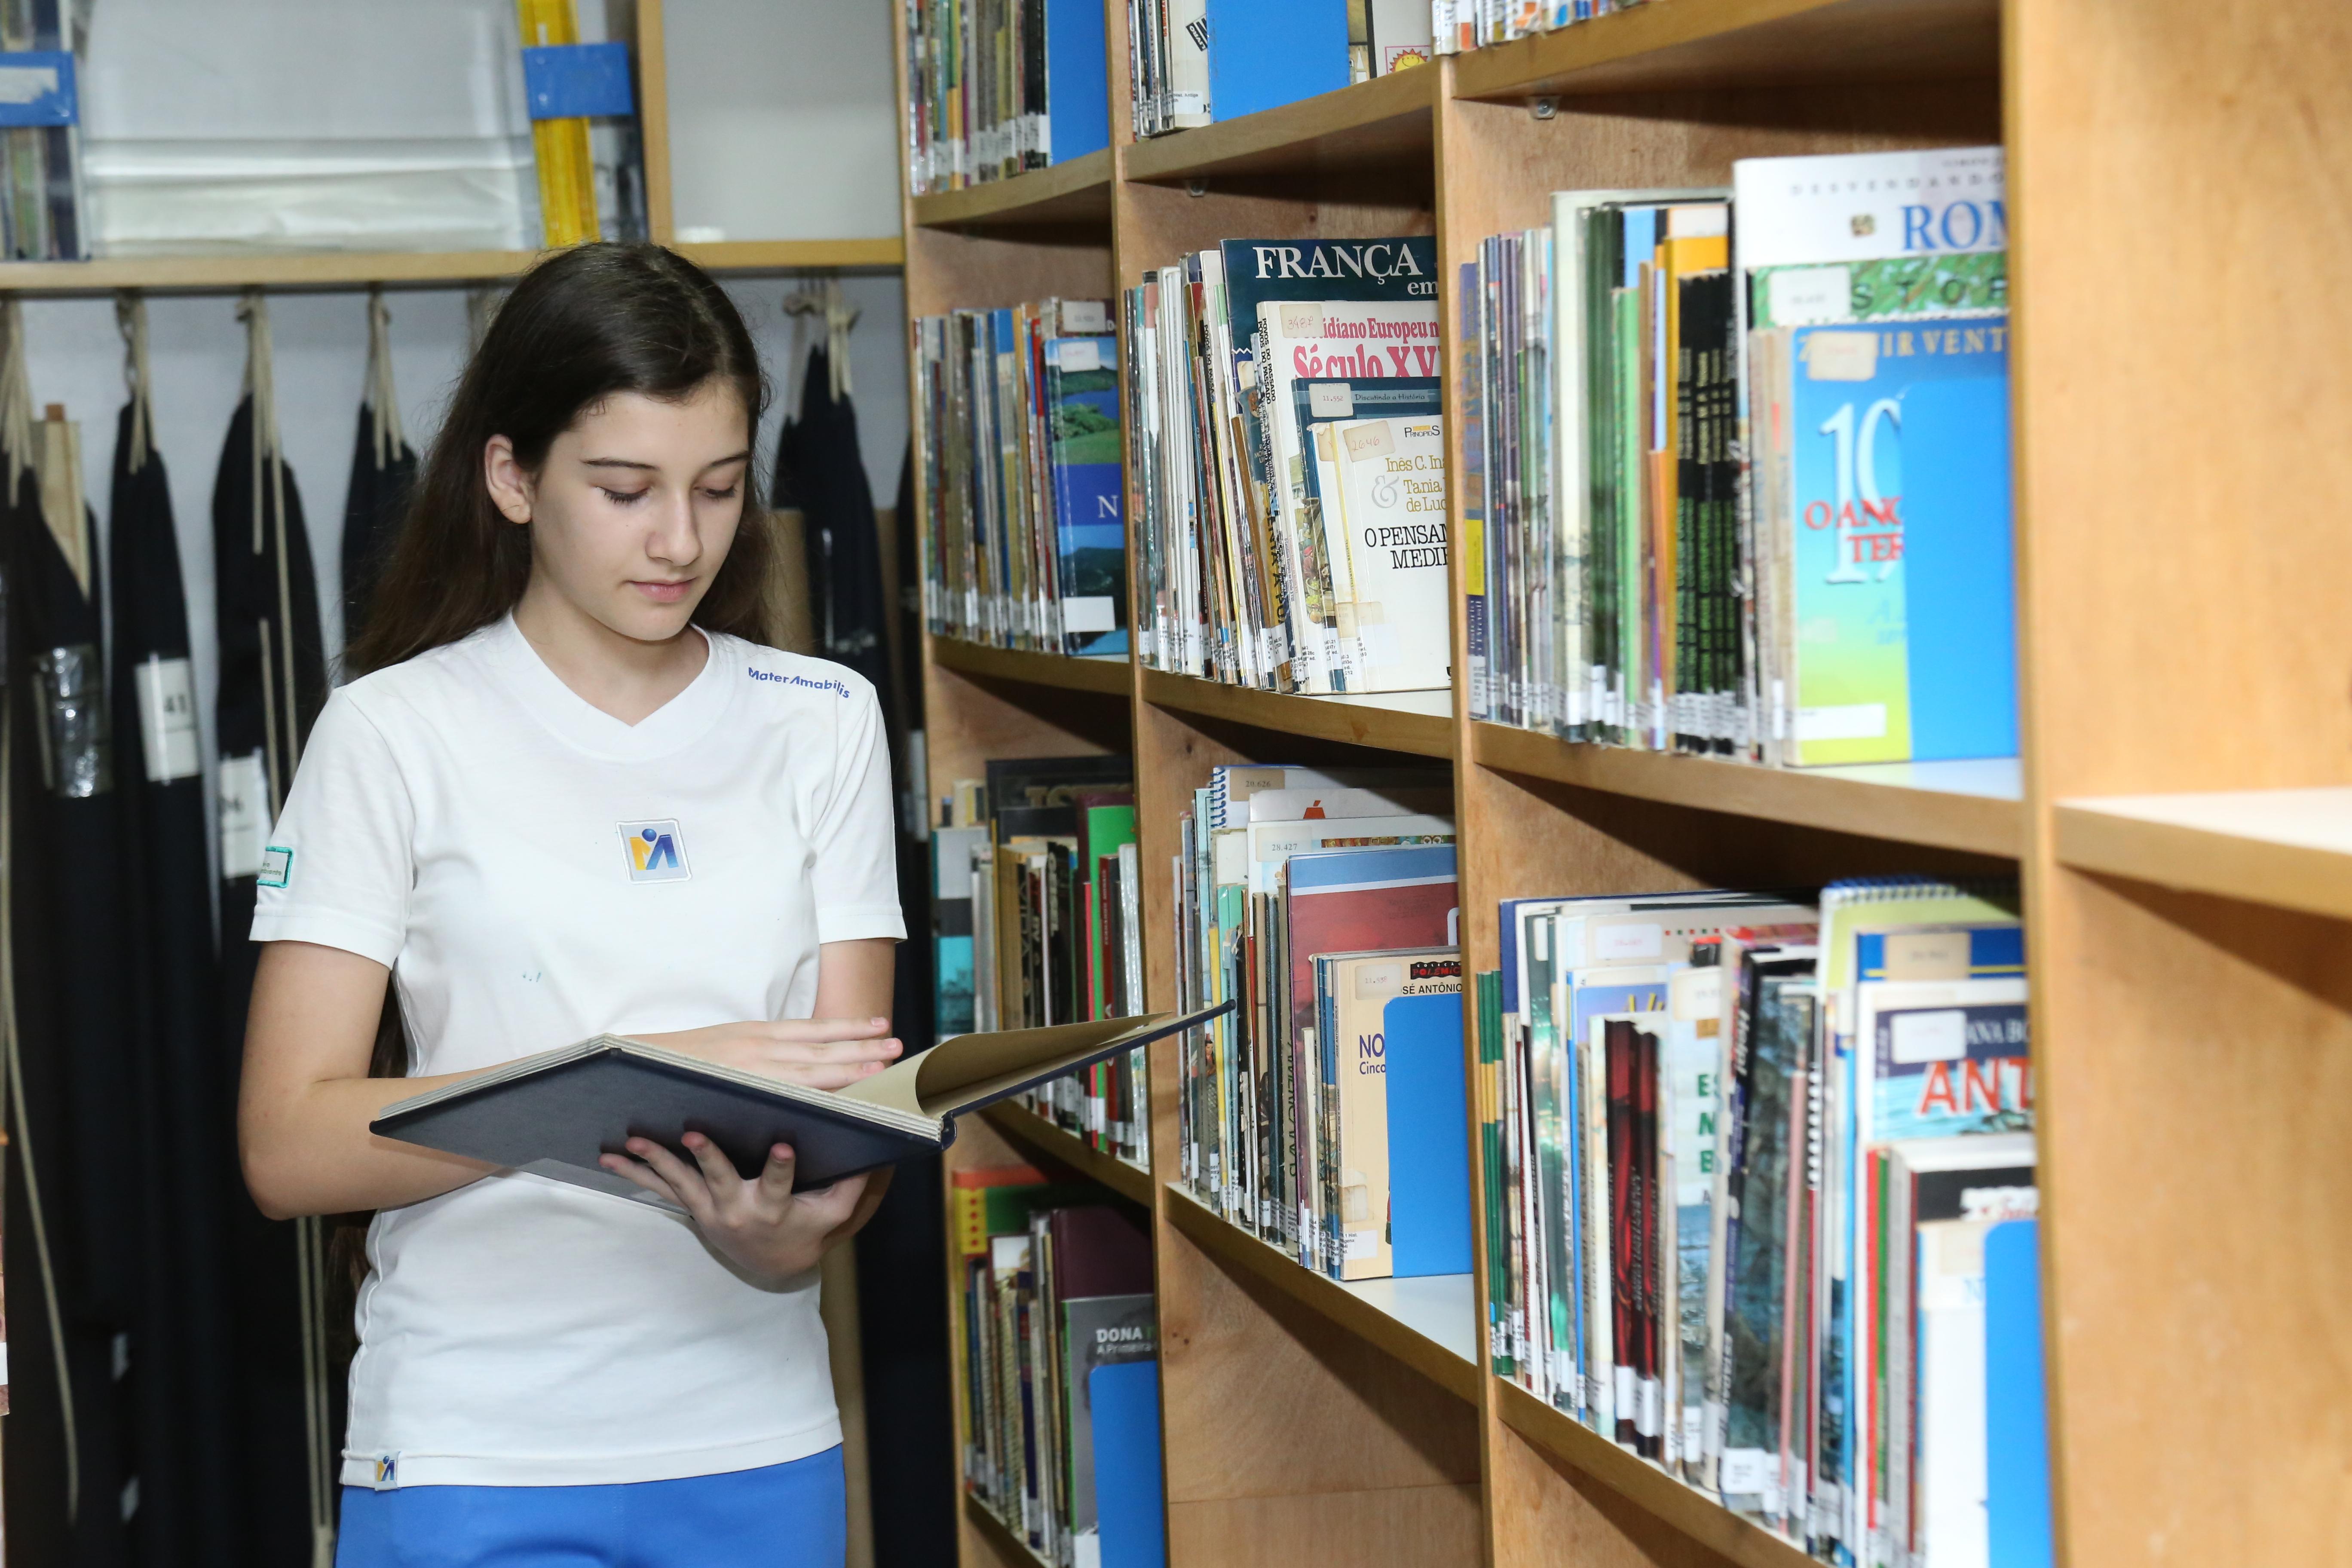 Mater_trabalha leitura com alunos